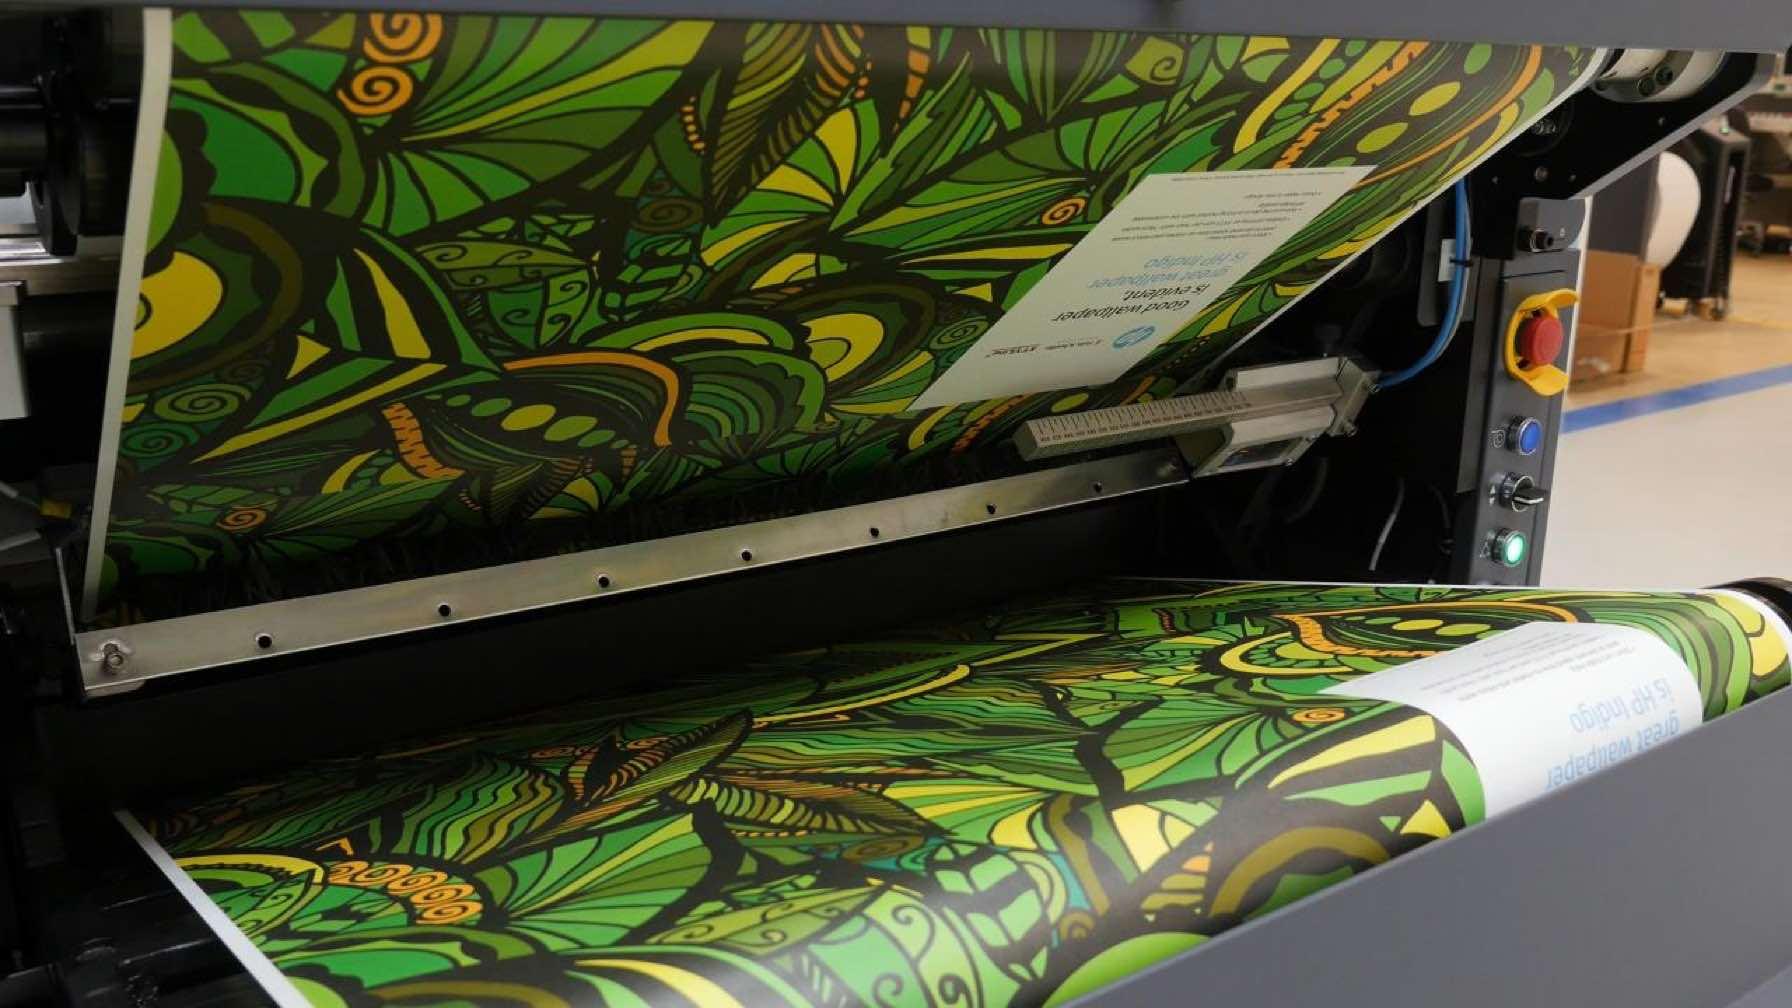 HP Indigo printer